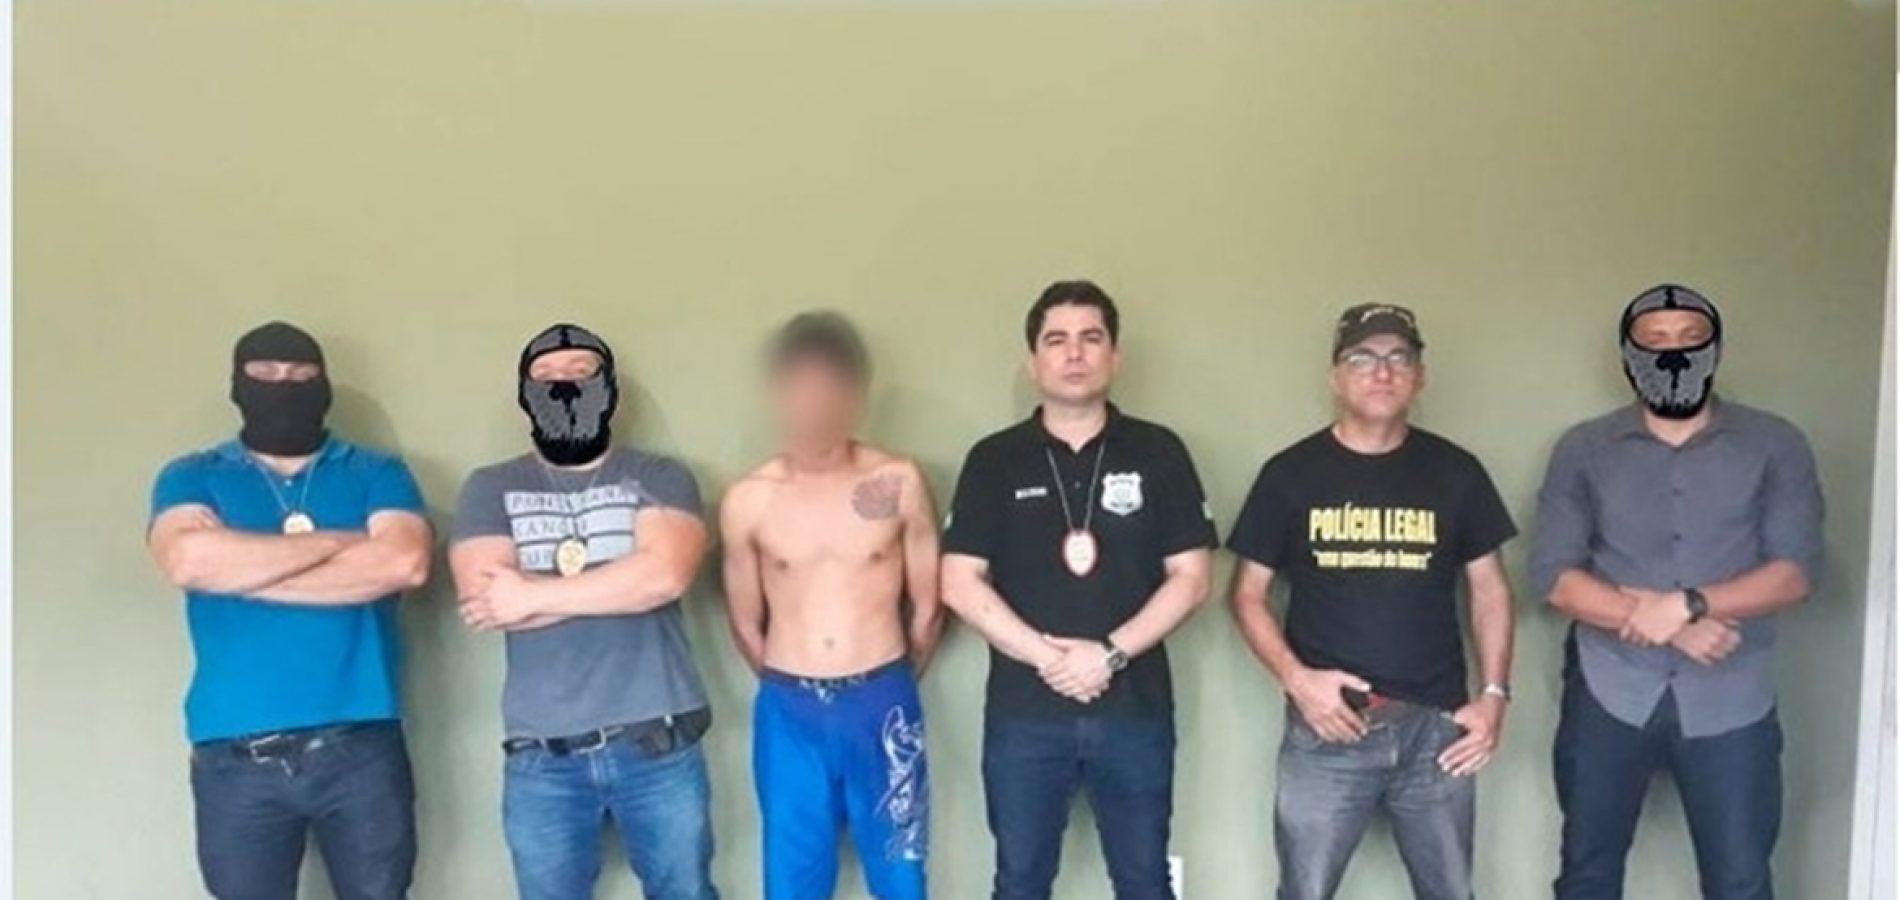 Jovem de 19 anos acusado de homicídio é preso no Piauí